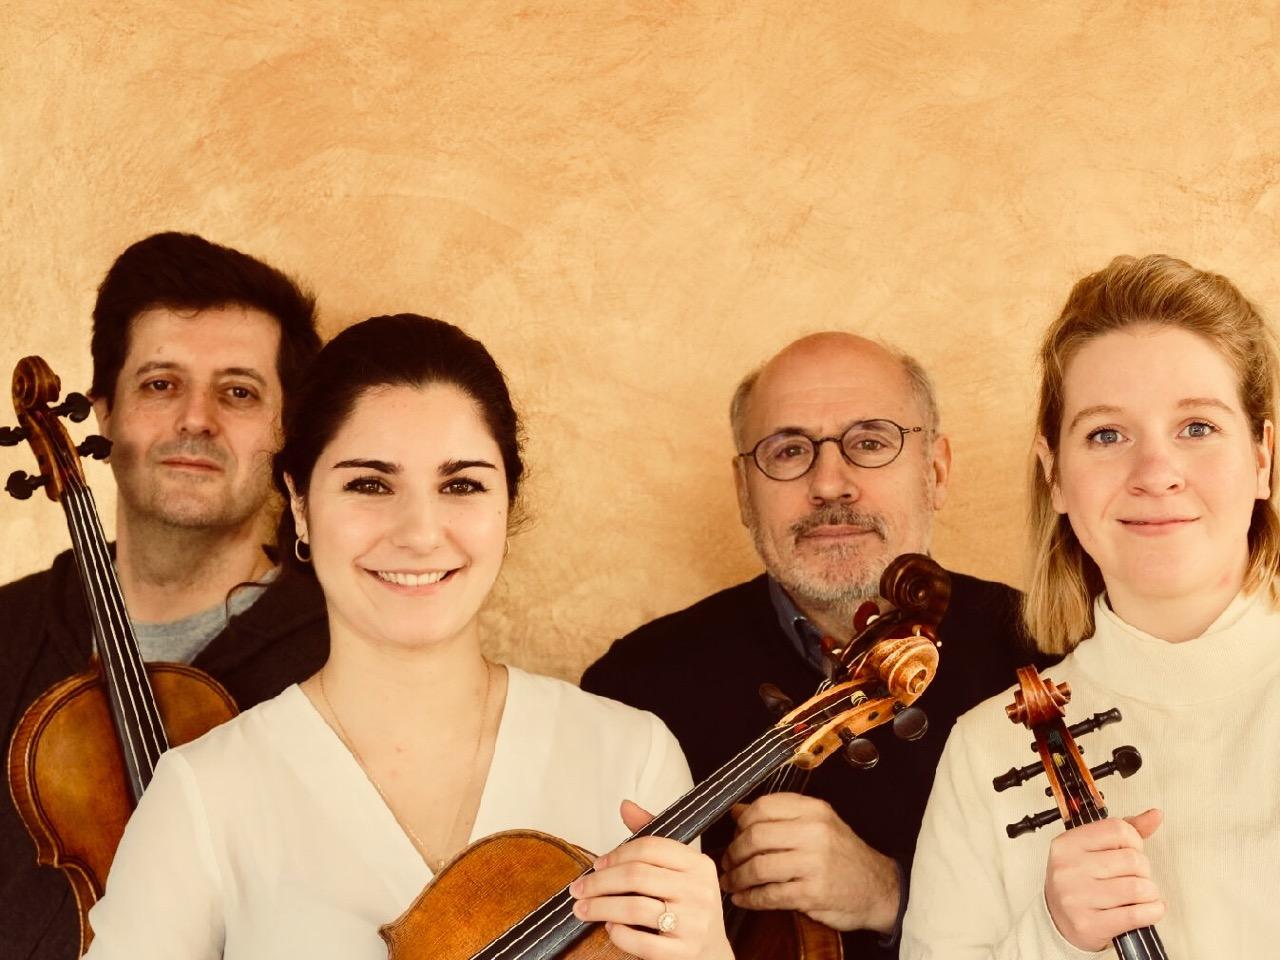 Partitions bucoliques - Concert : Quatuor d'altos Borsarello Viola's Quartet - ARTHEZ-DE-BEARN